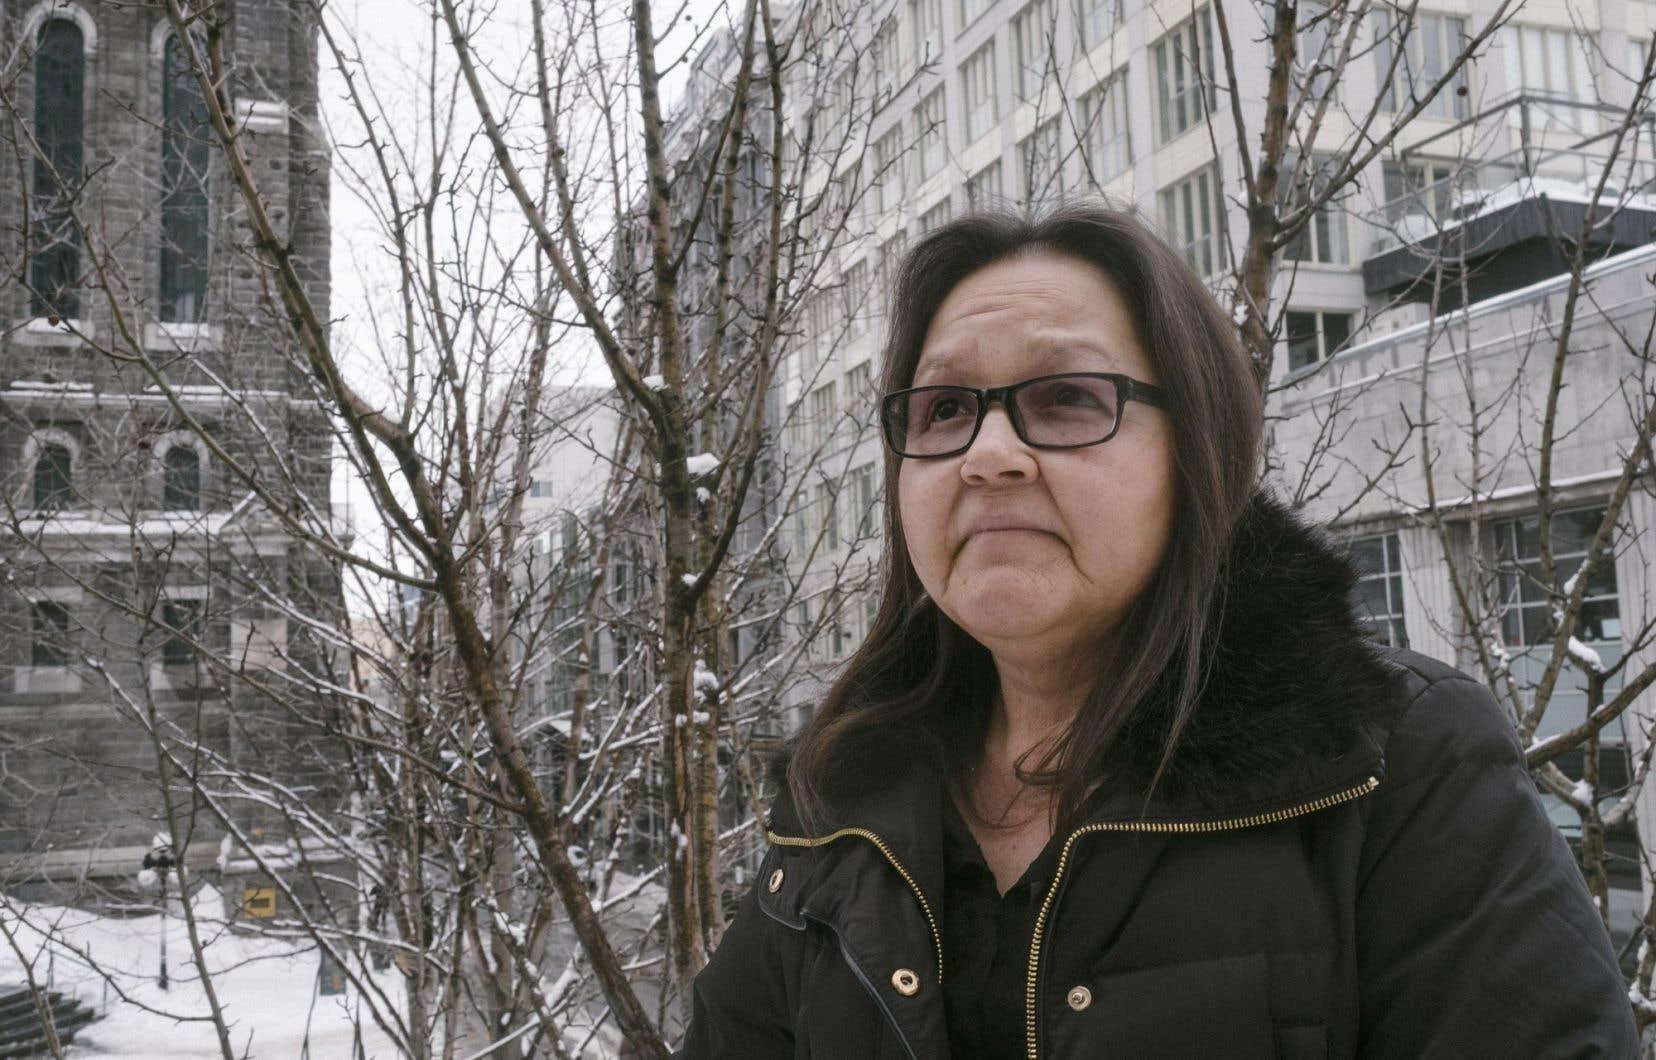 Colleen Paulson sait très bien les ravages que la drogue fait dans sa communauté; elle-même a perdu sa fille, une mère de quatre enfants.